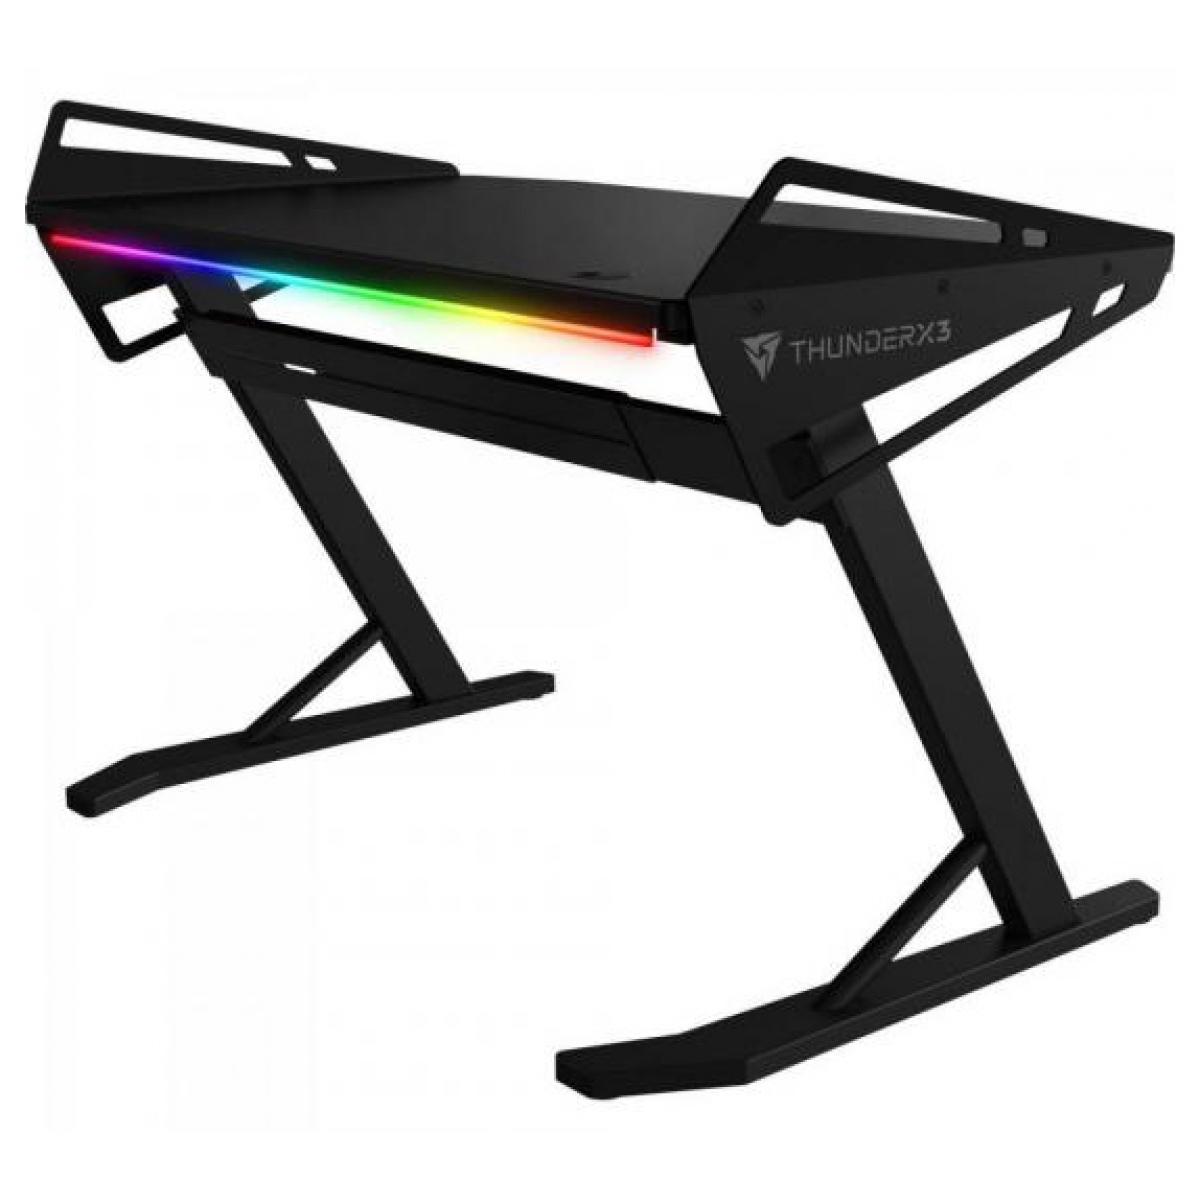 Mesa Gamer Thunderx3 AD3 HEX, RGB, 120cm, Black